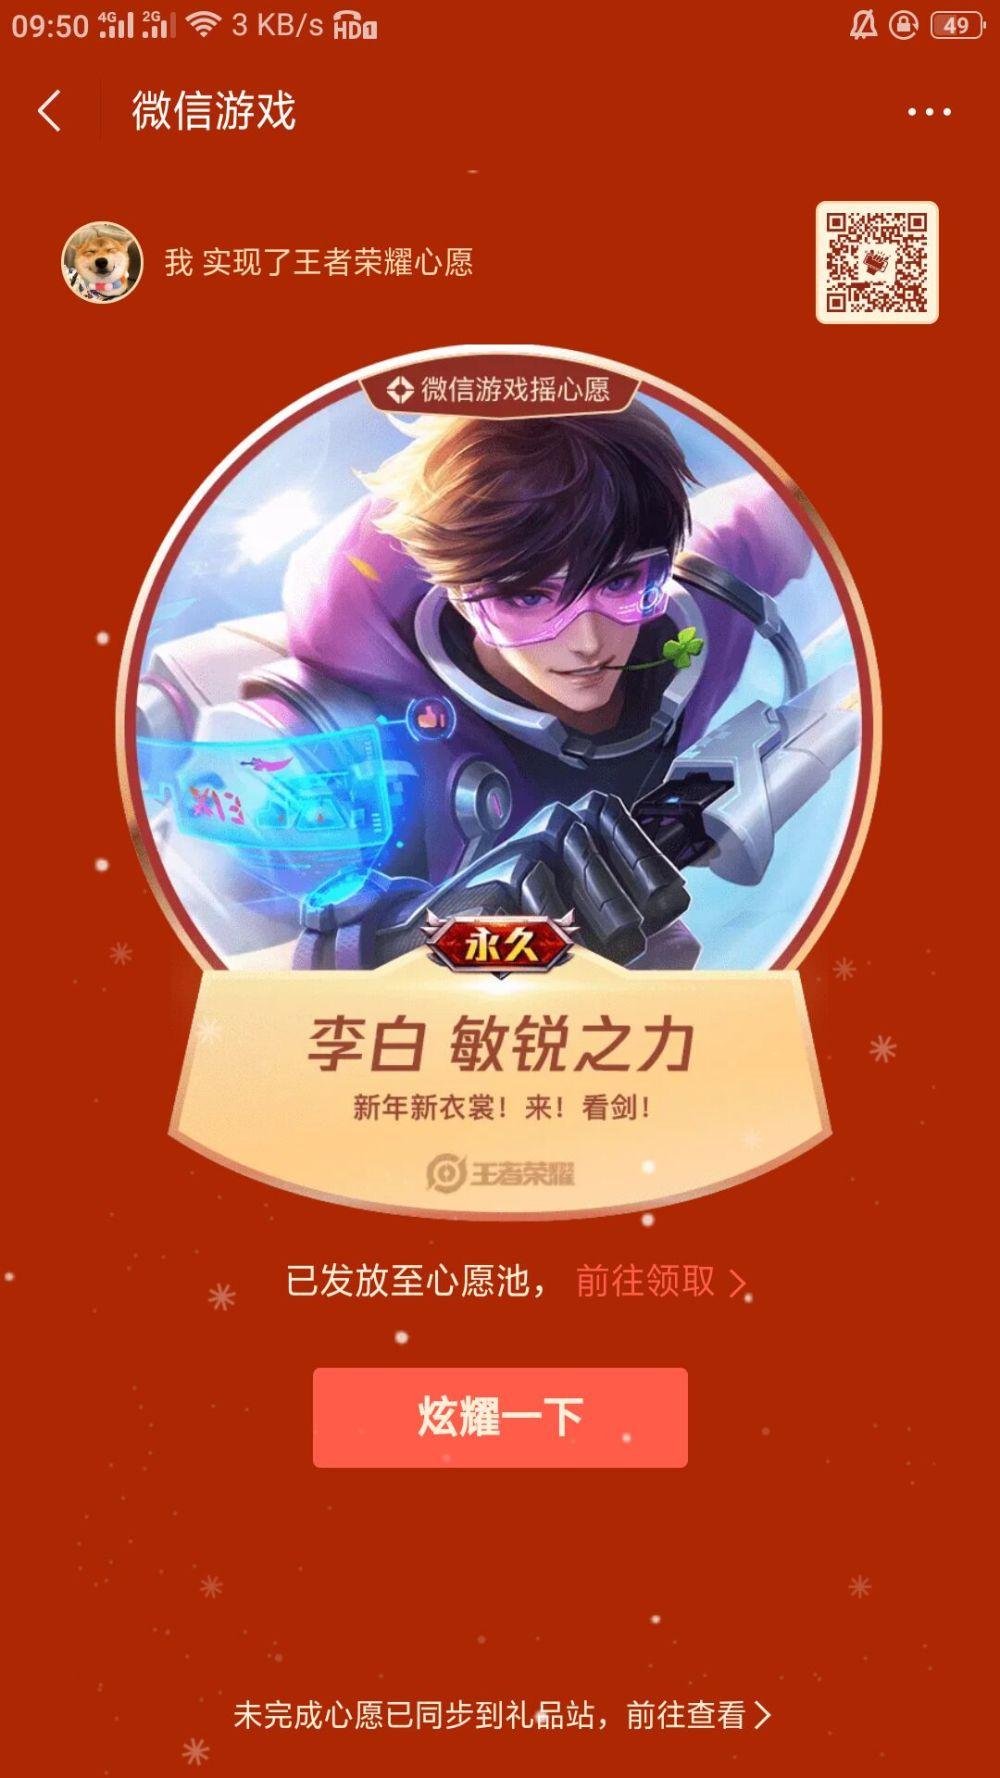 图片[2]-王者荣耀白嫖微信区英雄皮肤-飞享资源网